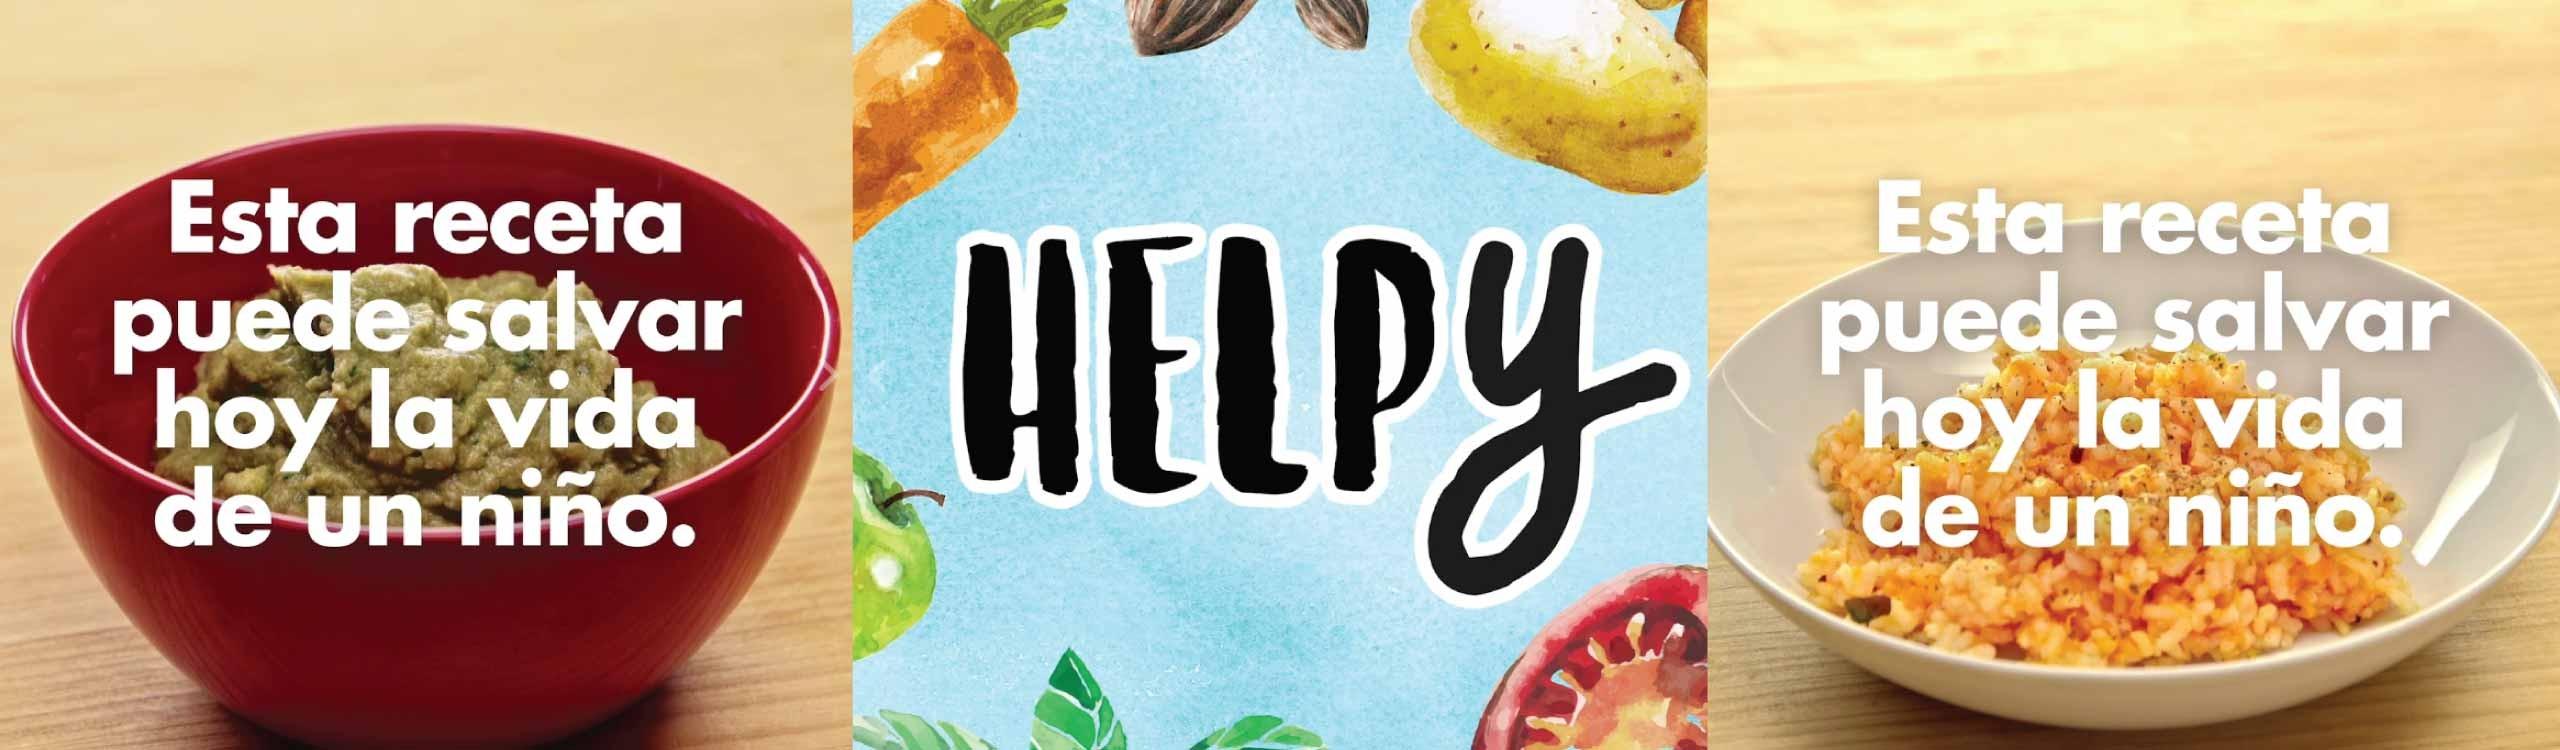 helpy-recetas-save-the-children-mis-gafas-de-pasta-destacado